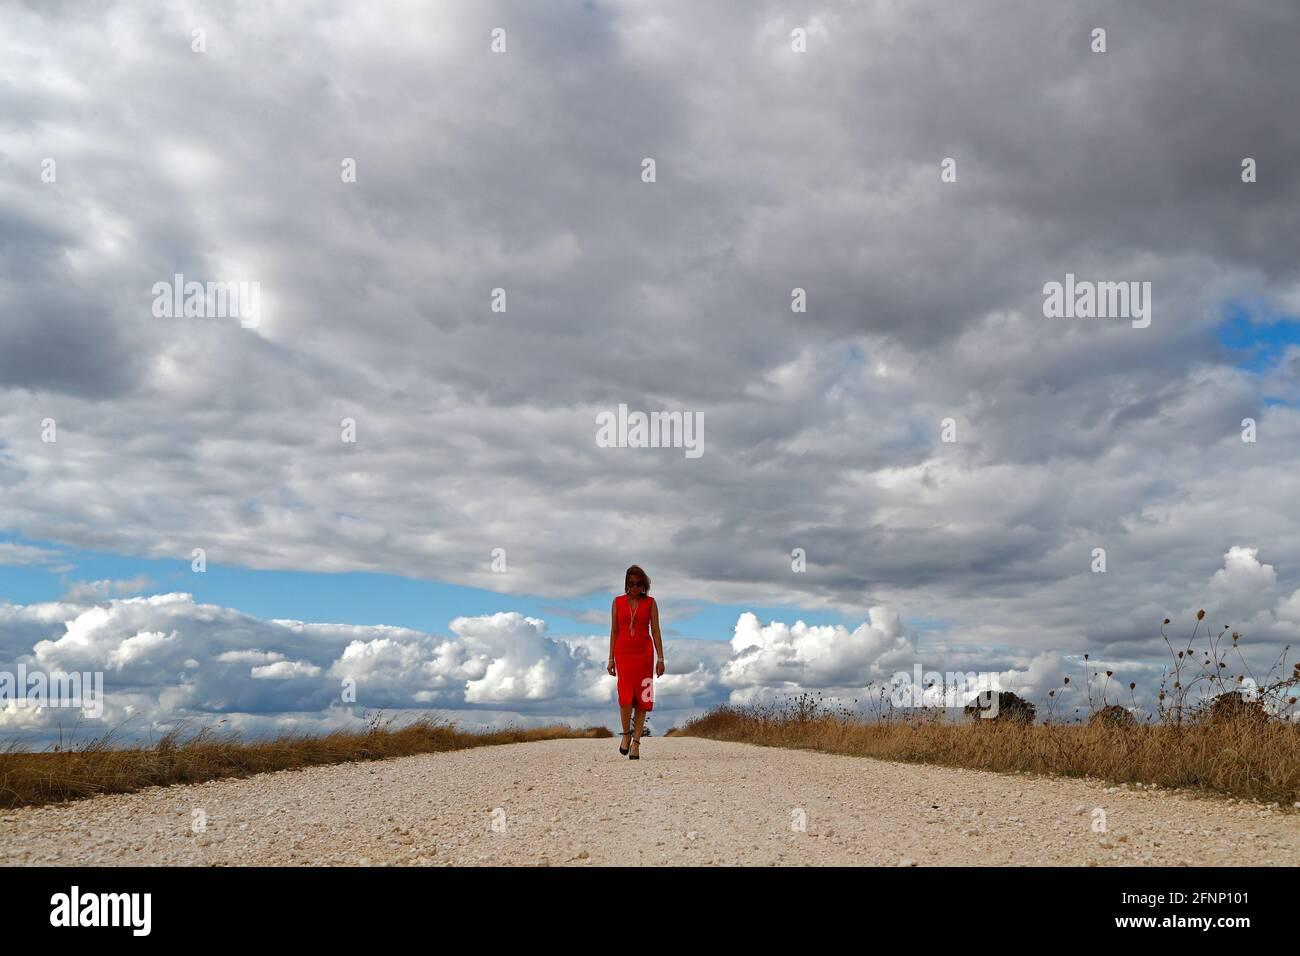 Frau, die allein auf der geraden Landstraße läuft. Wolkiger Himmel. Frankreich. Stockfoto